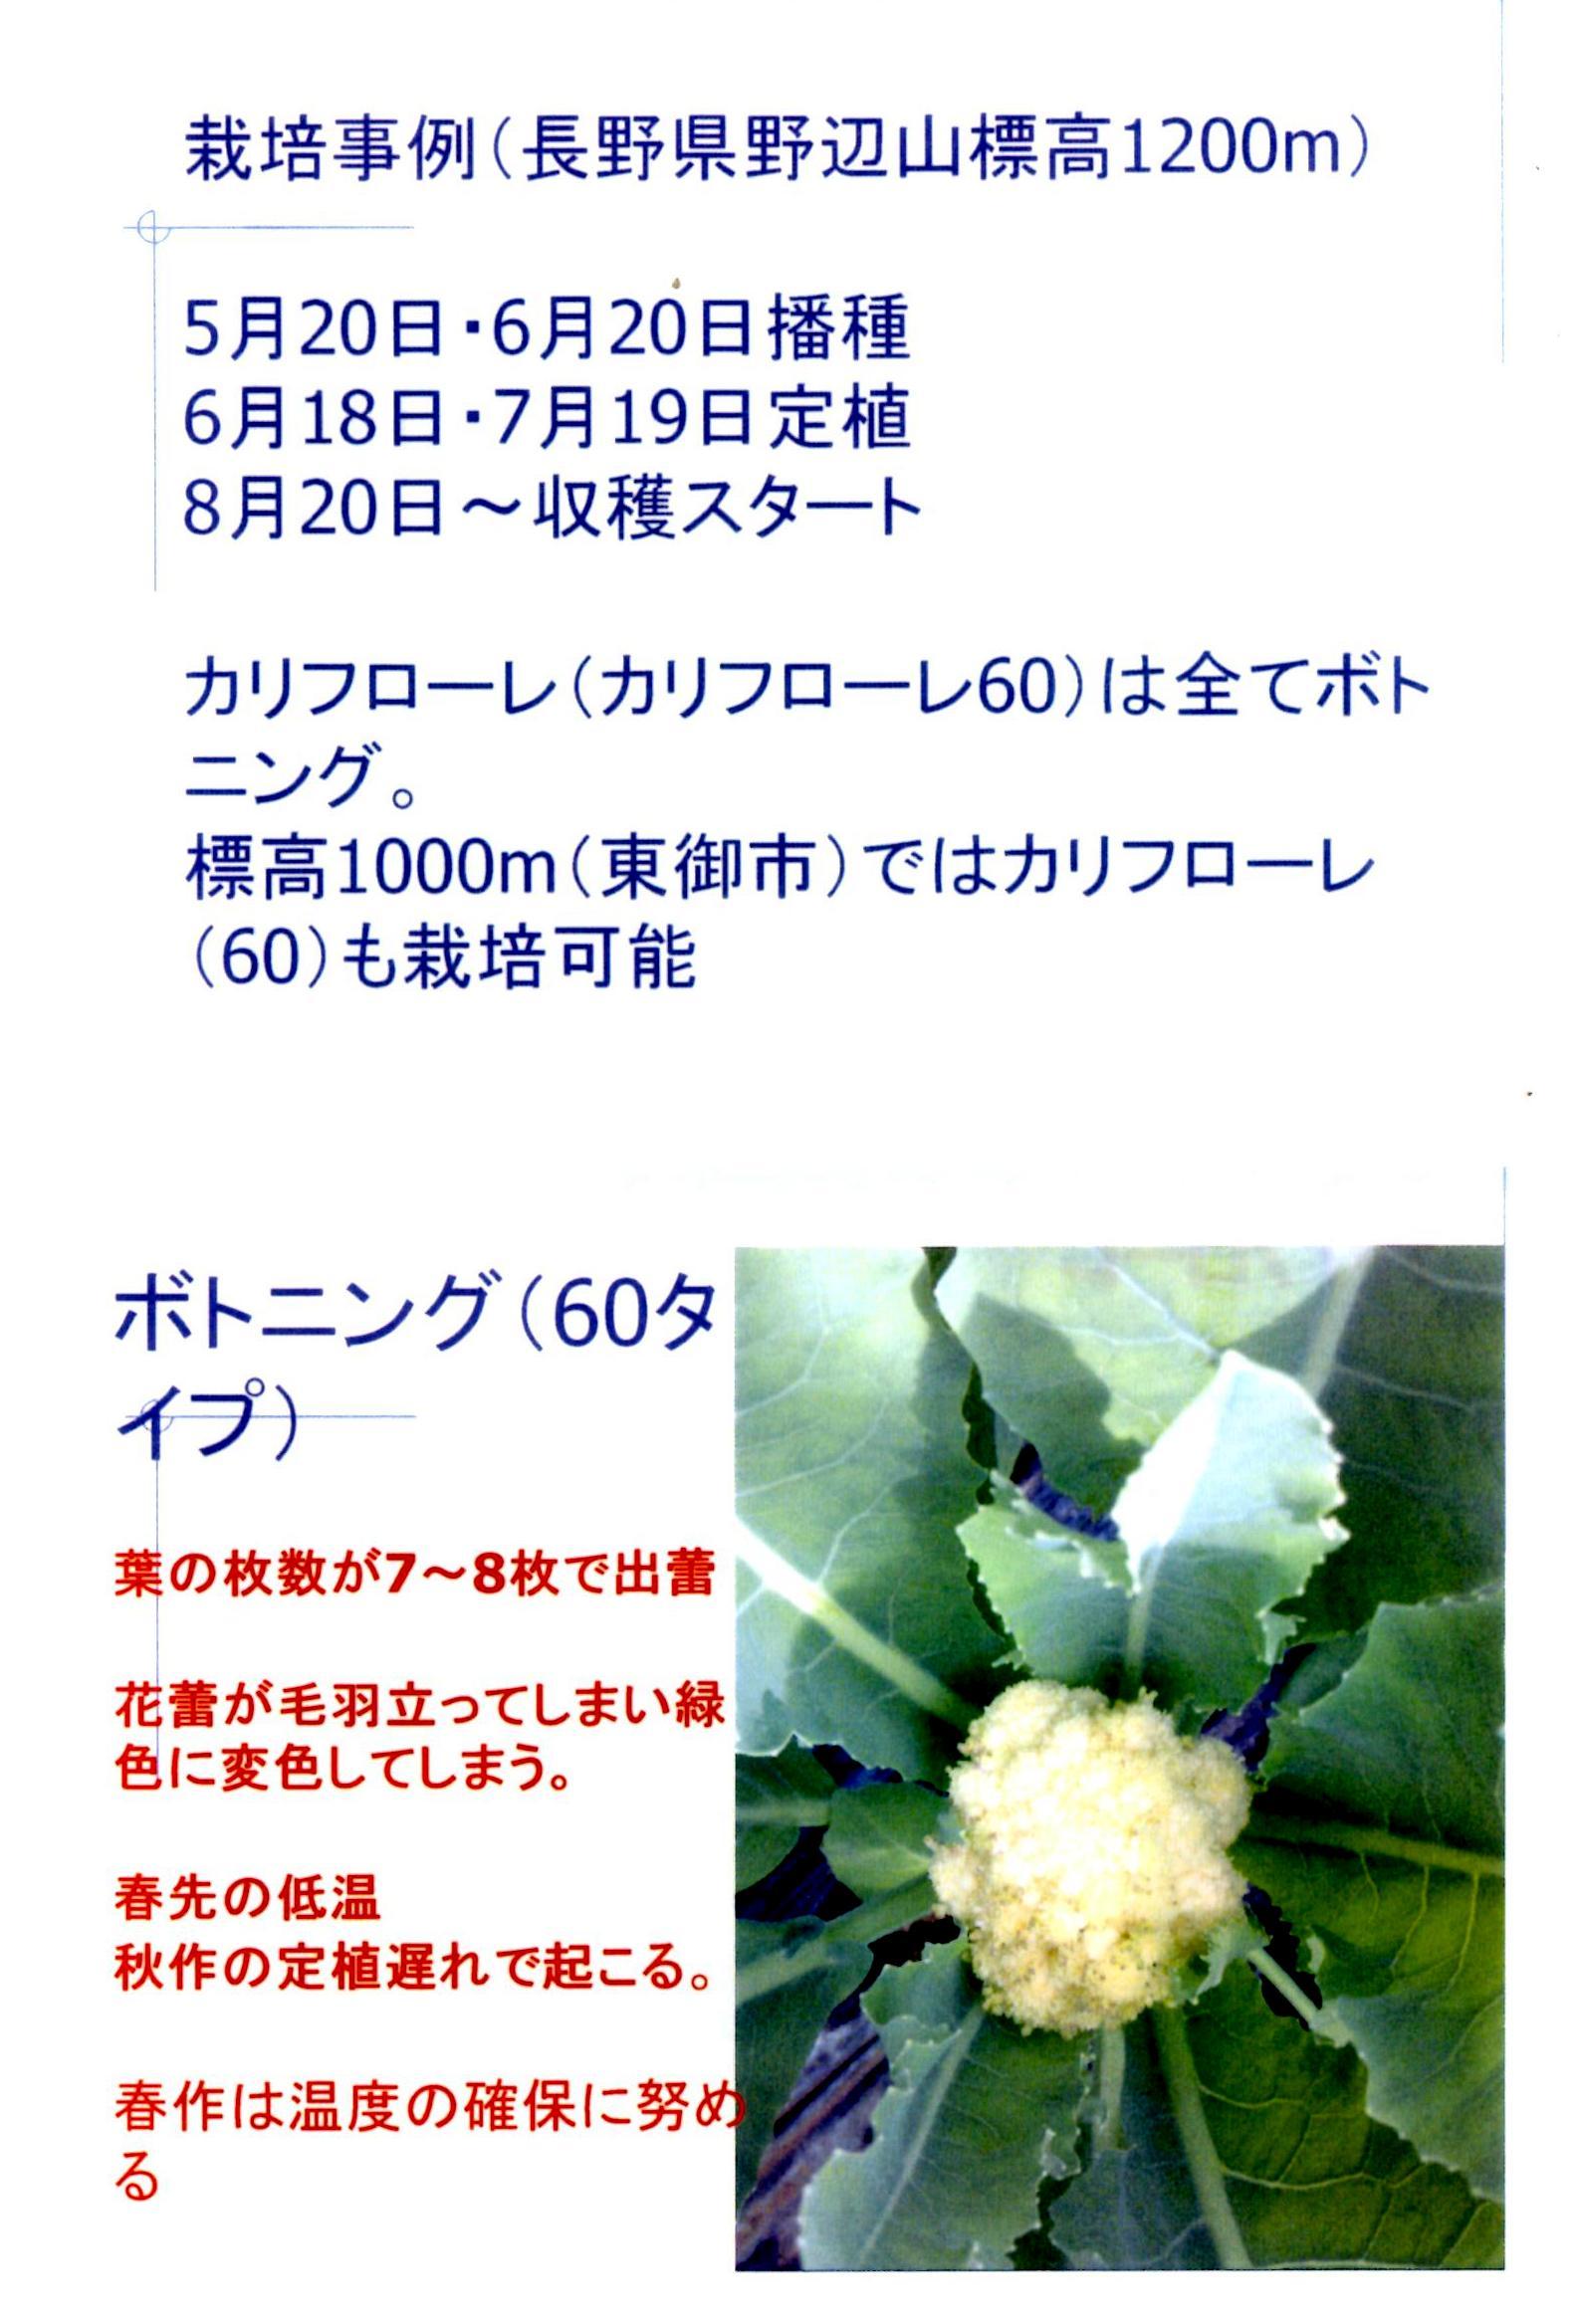 karifu-deta6.jpg